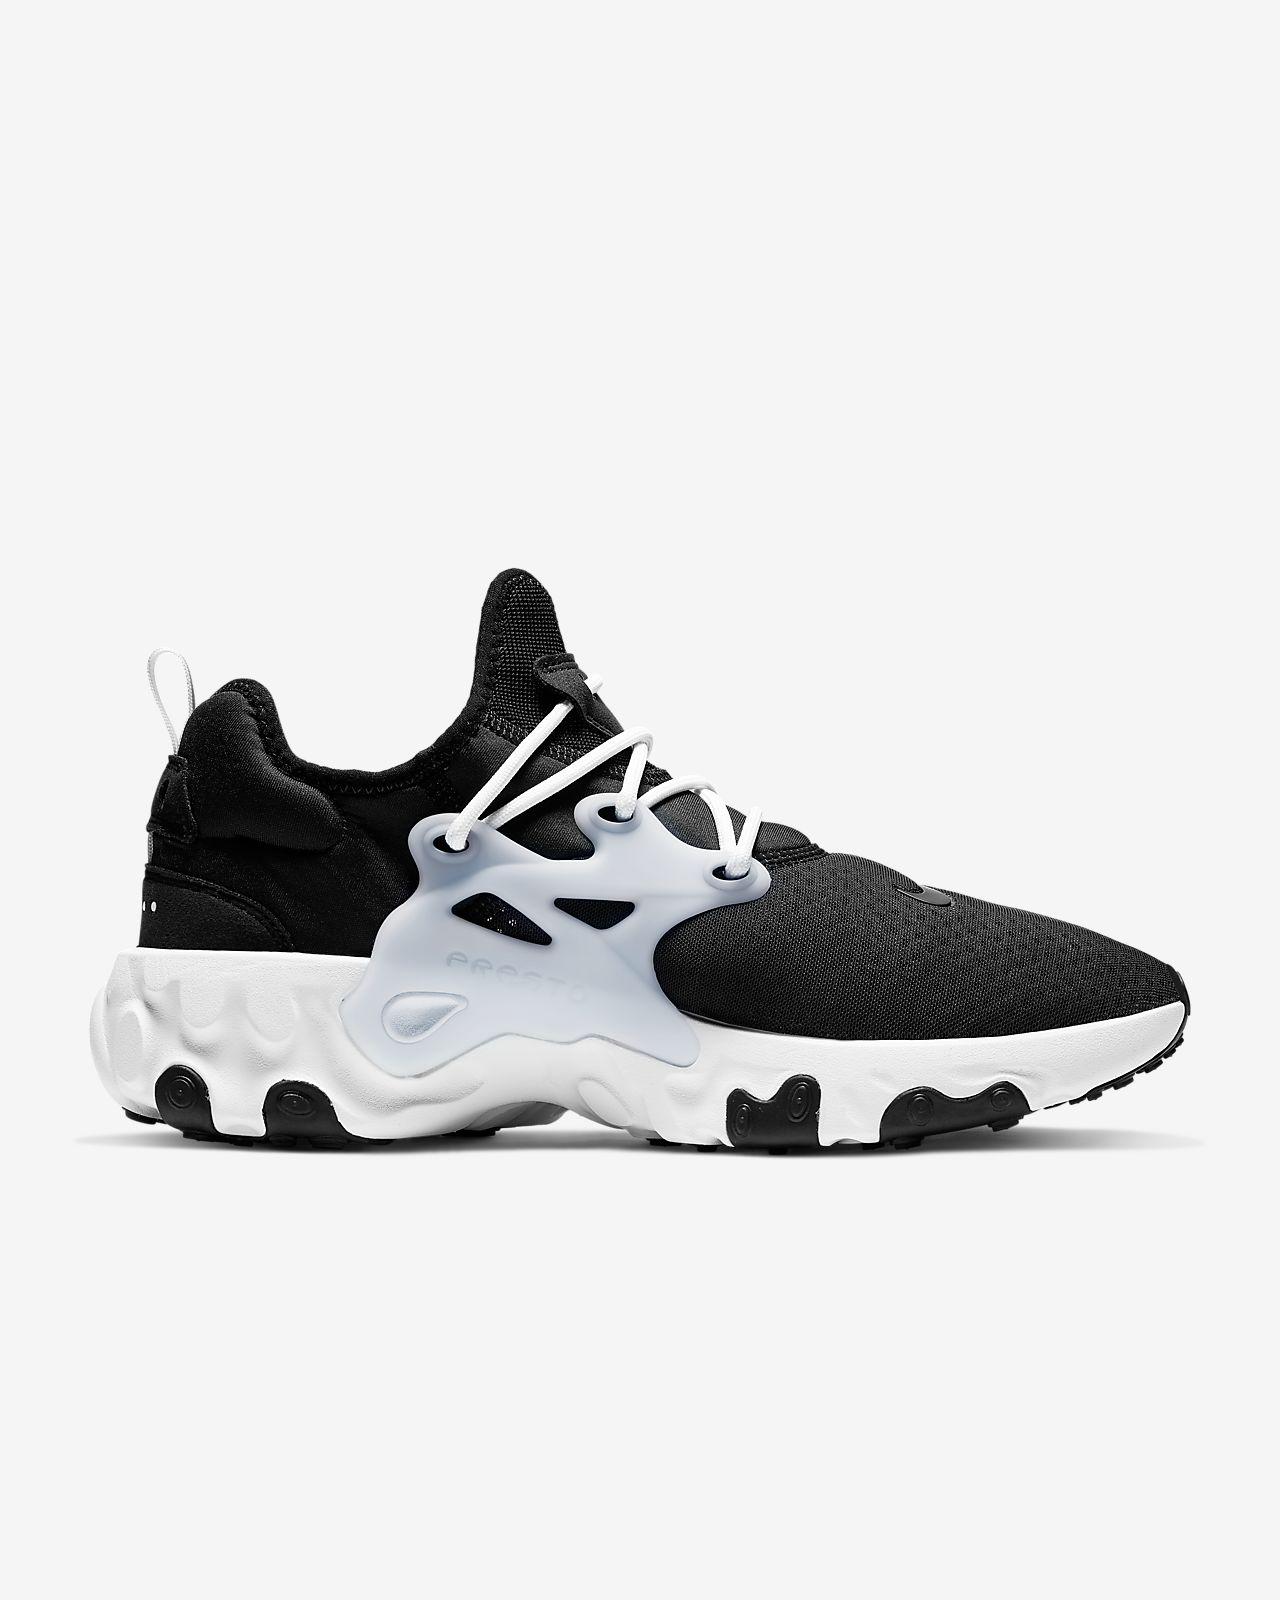 Nike Presto Fly Lifestyle Schuhe, Nike Presto Fly, Midnight